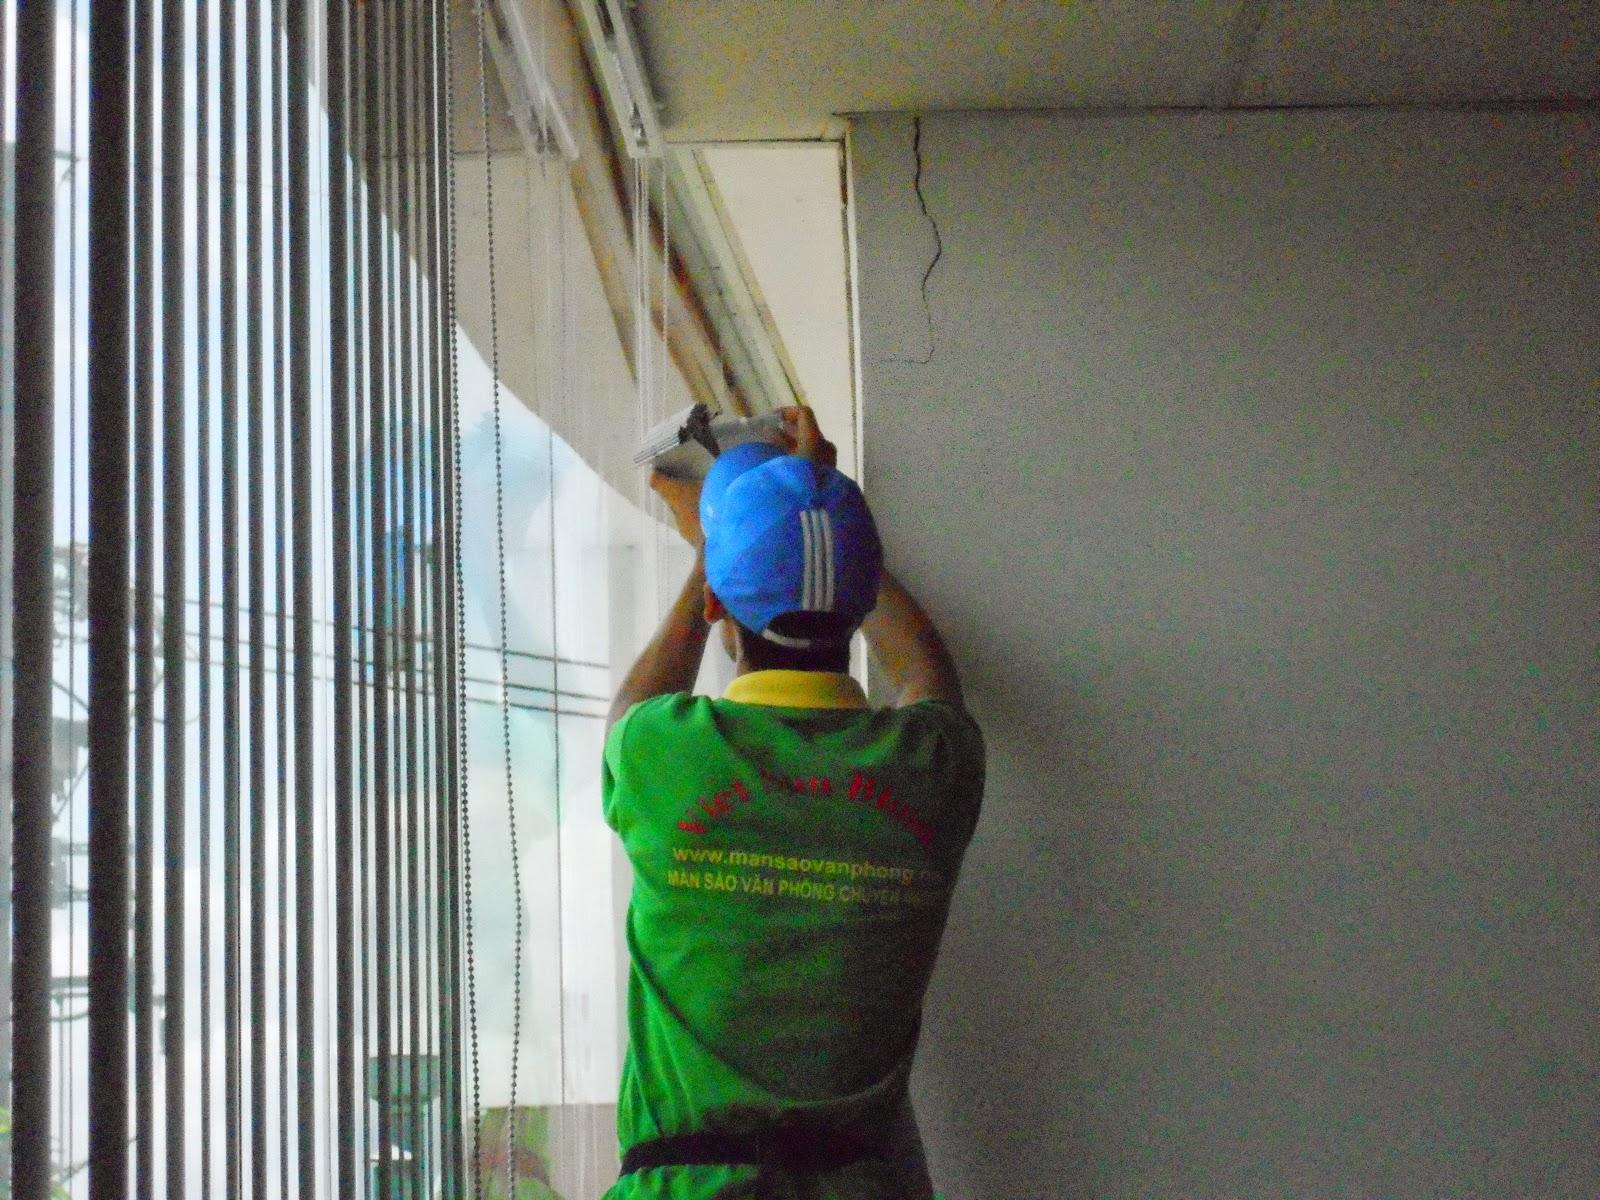 lắp đặt màn sáo nhà xưởng cho các khu công nghiệp